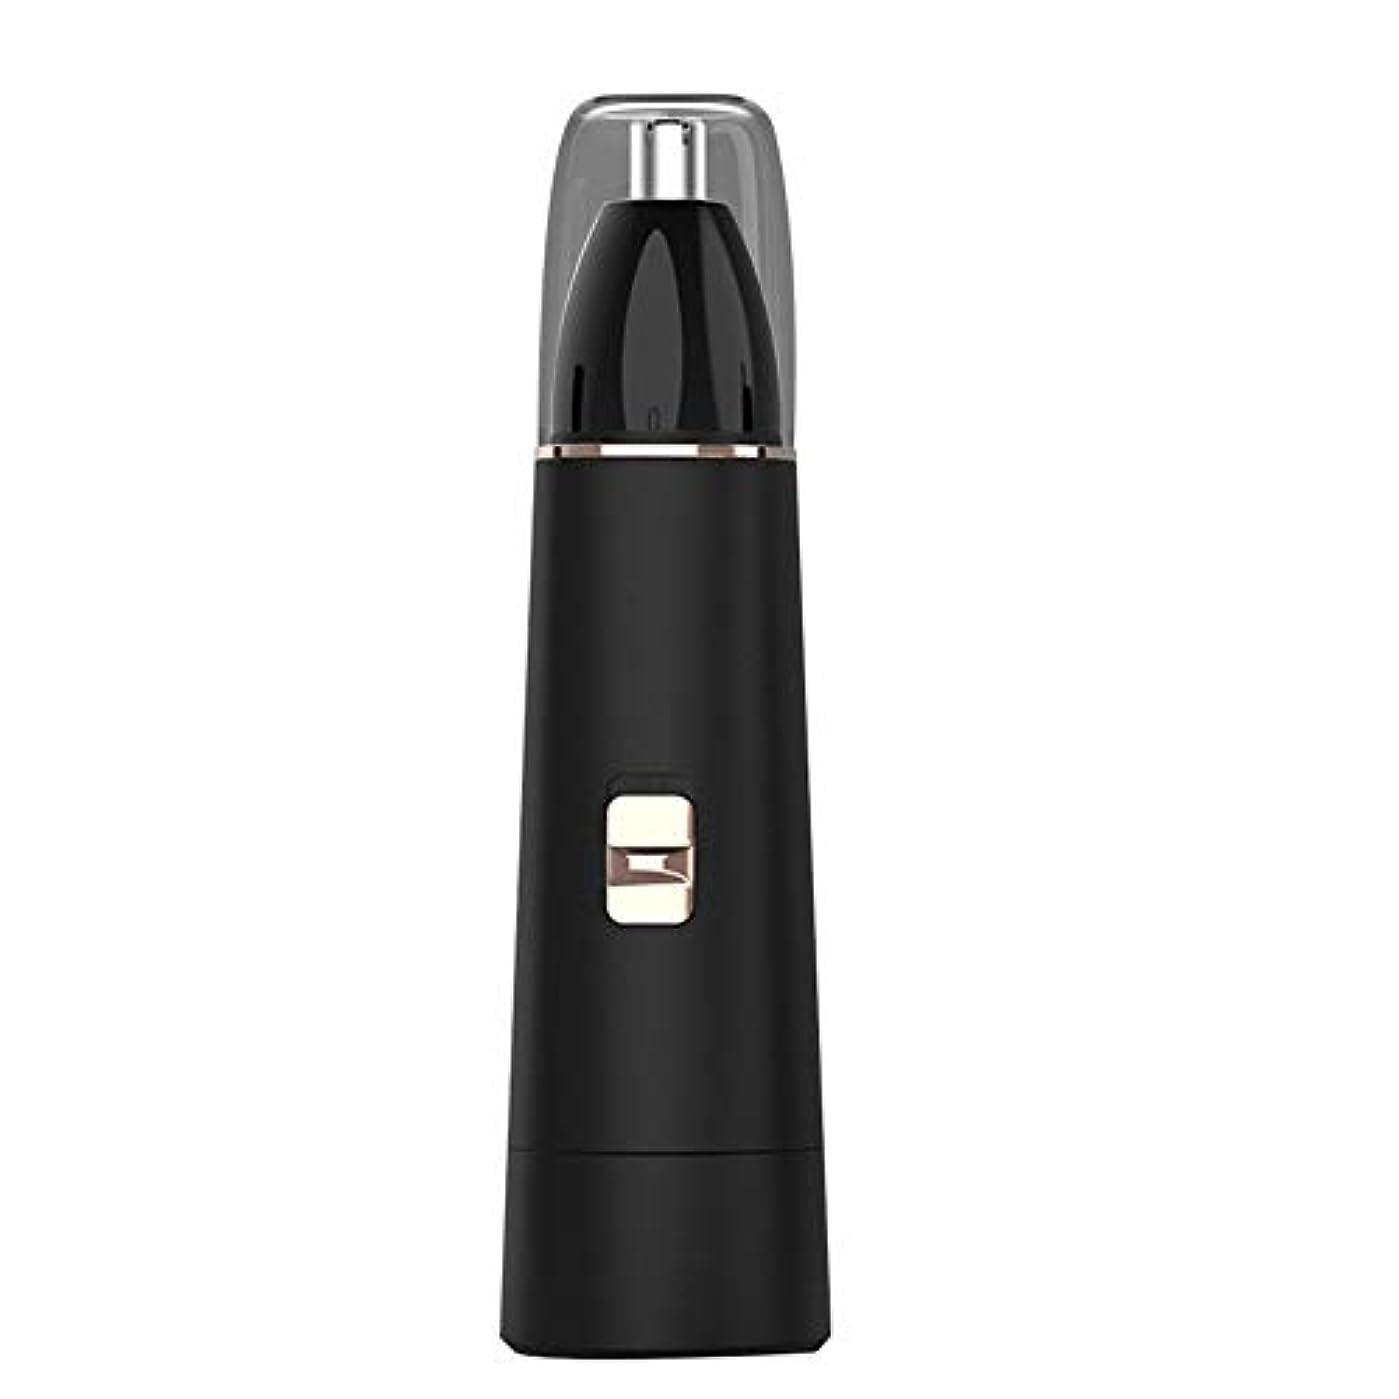 神話オッズバックアップ携帯用電気鼻毛を充電する電子鼻耳毛トリマー男性女性無痛トリミングのUSB (Color : Black, Size : USB)